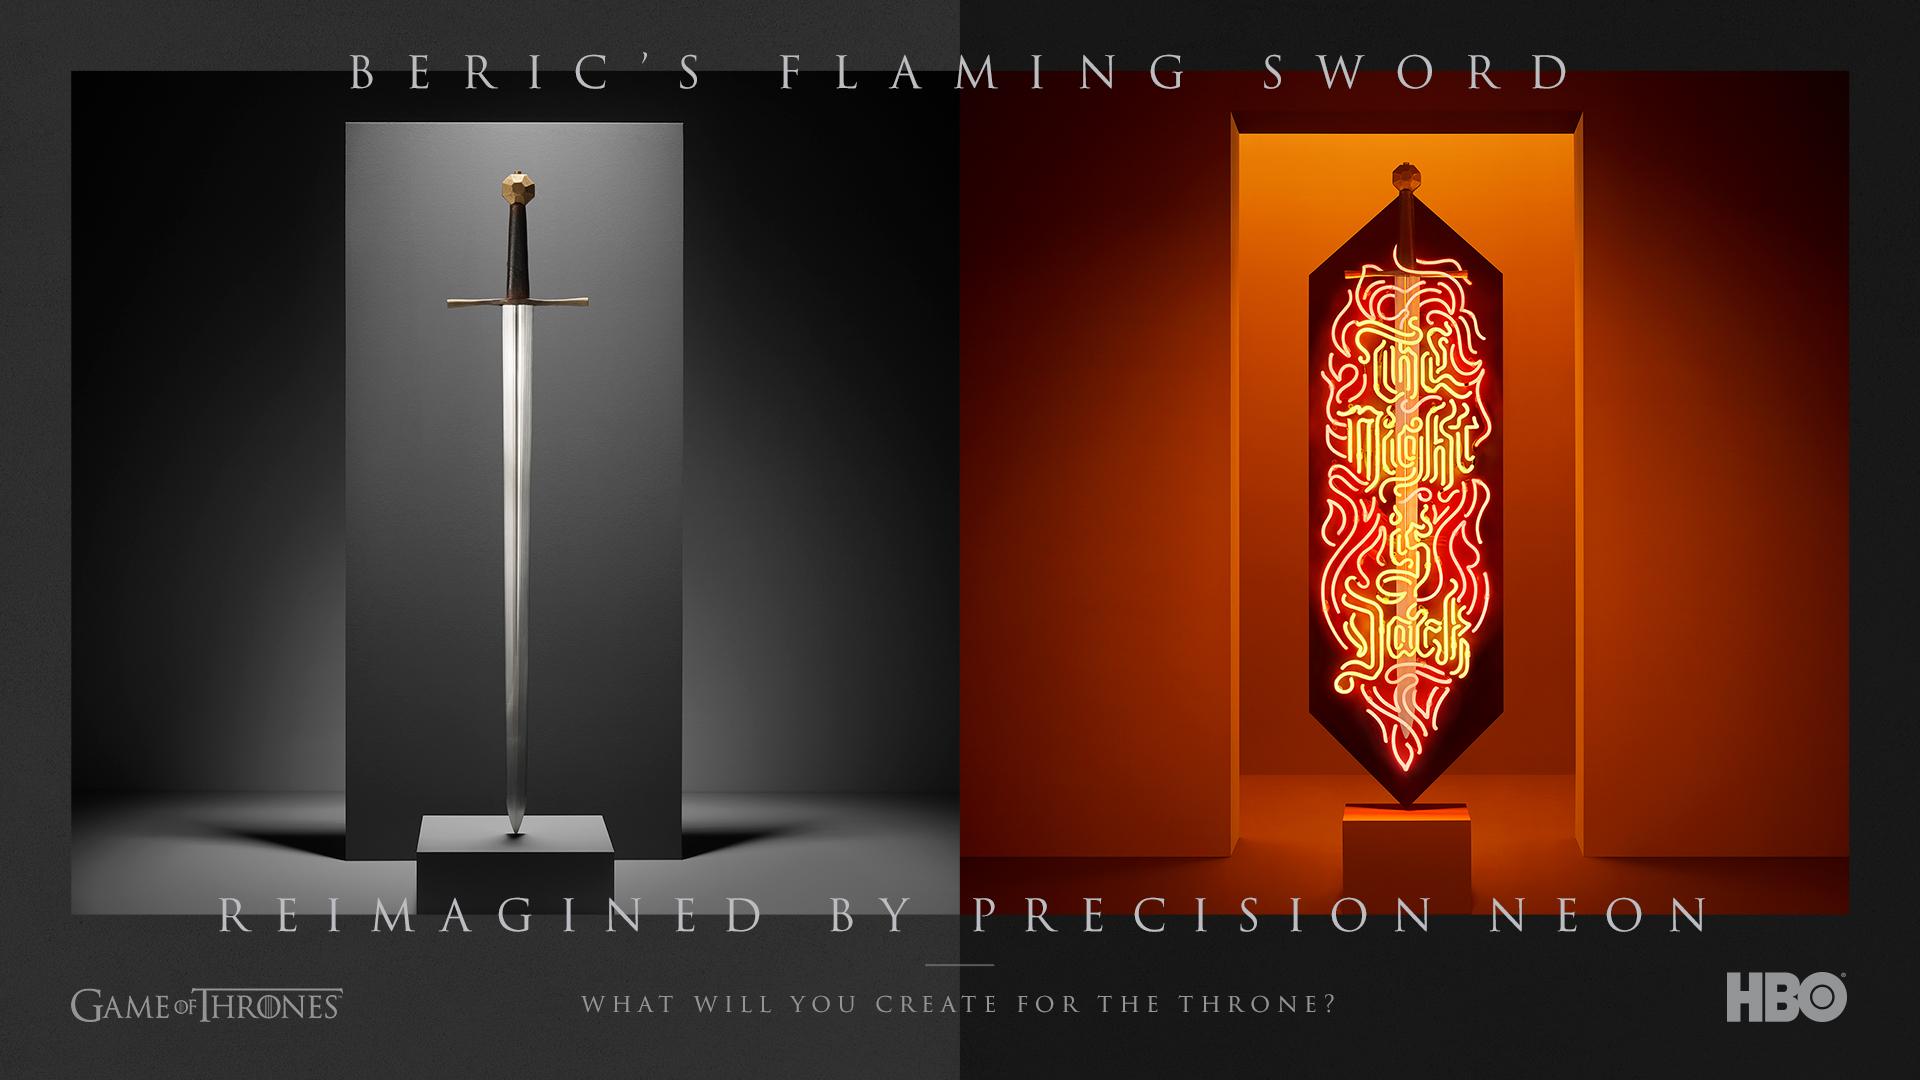 03_NOTW_Berics_Flaming_Sword_Precision_Neon.jpg